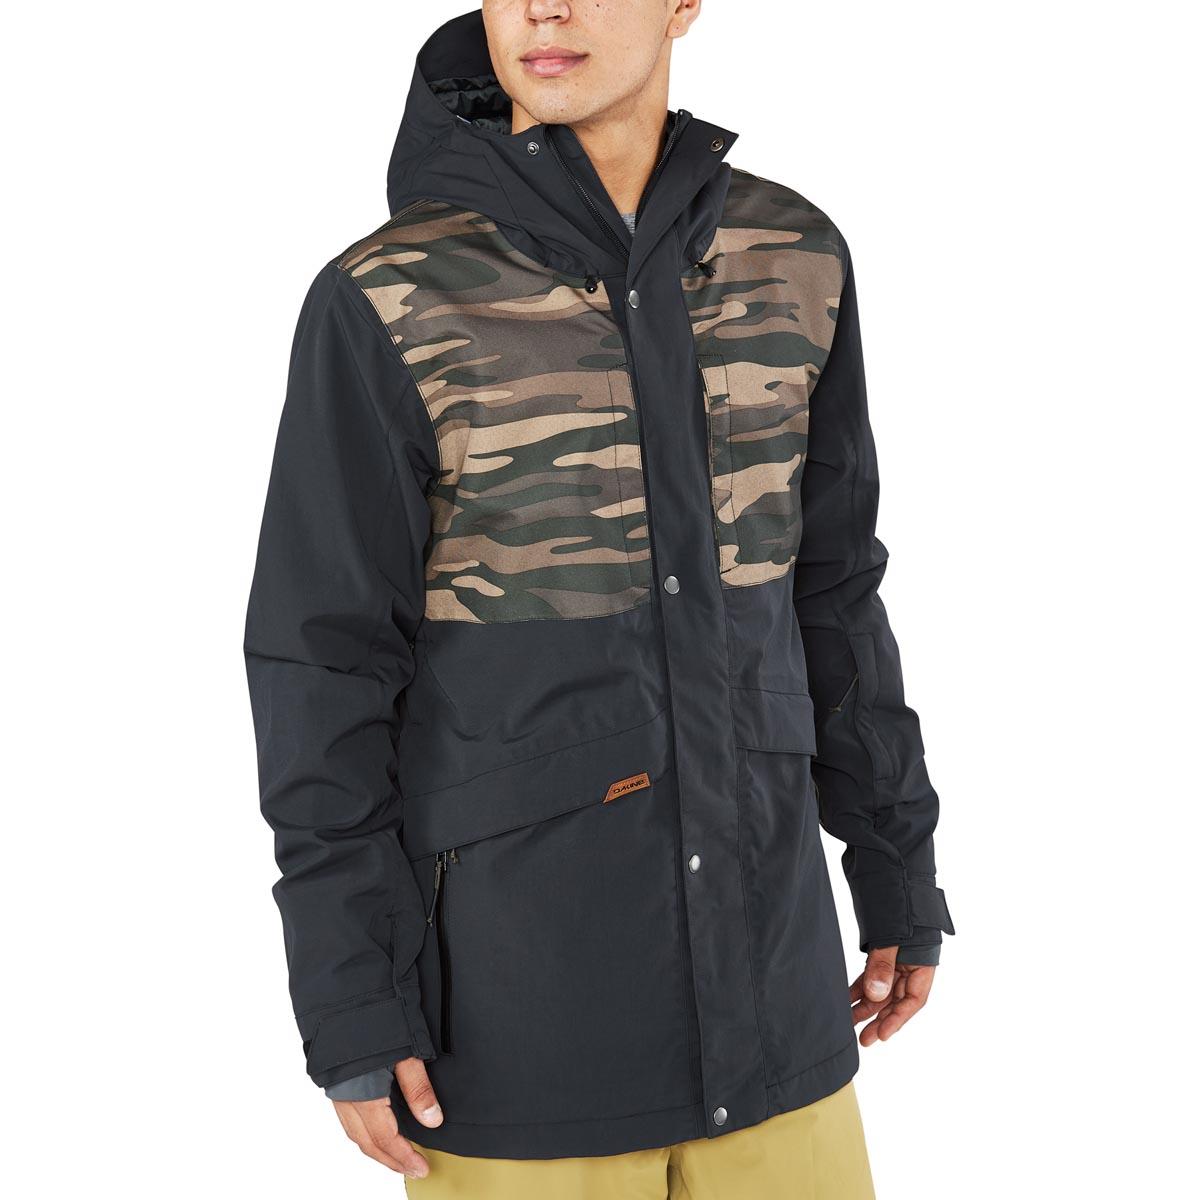 Dakine Wyeast Jacket Ski Snowboard Jacket Black Field Camo